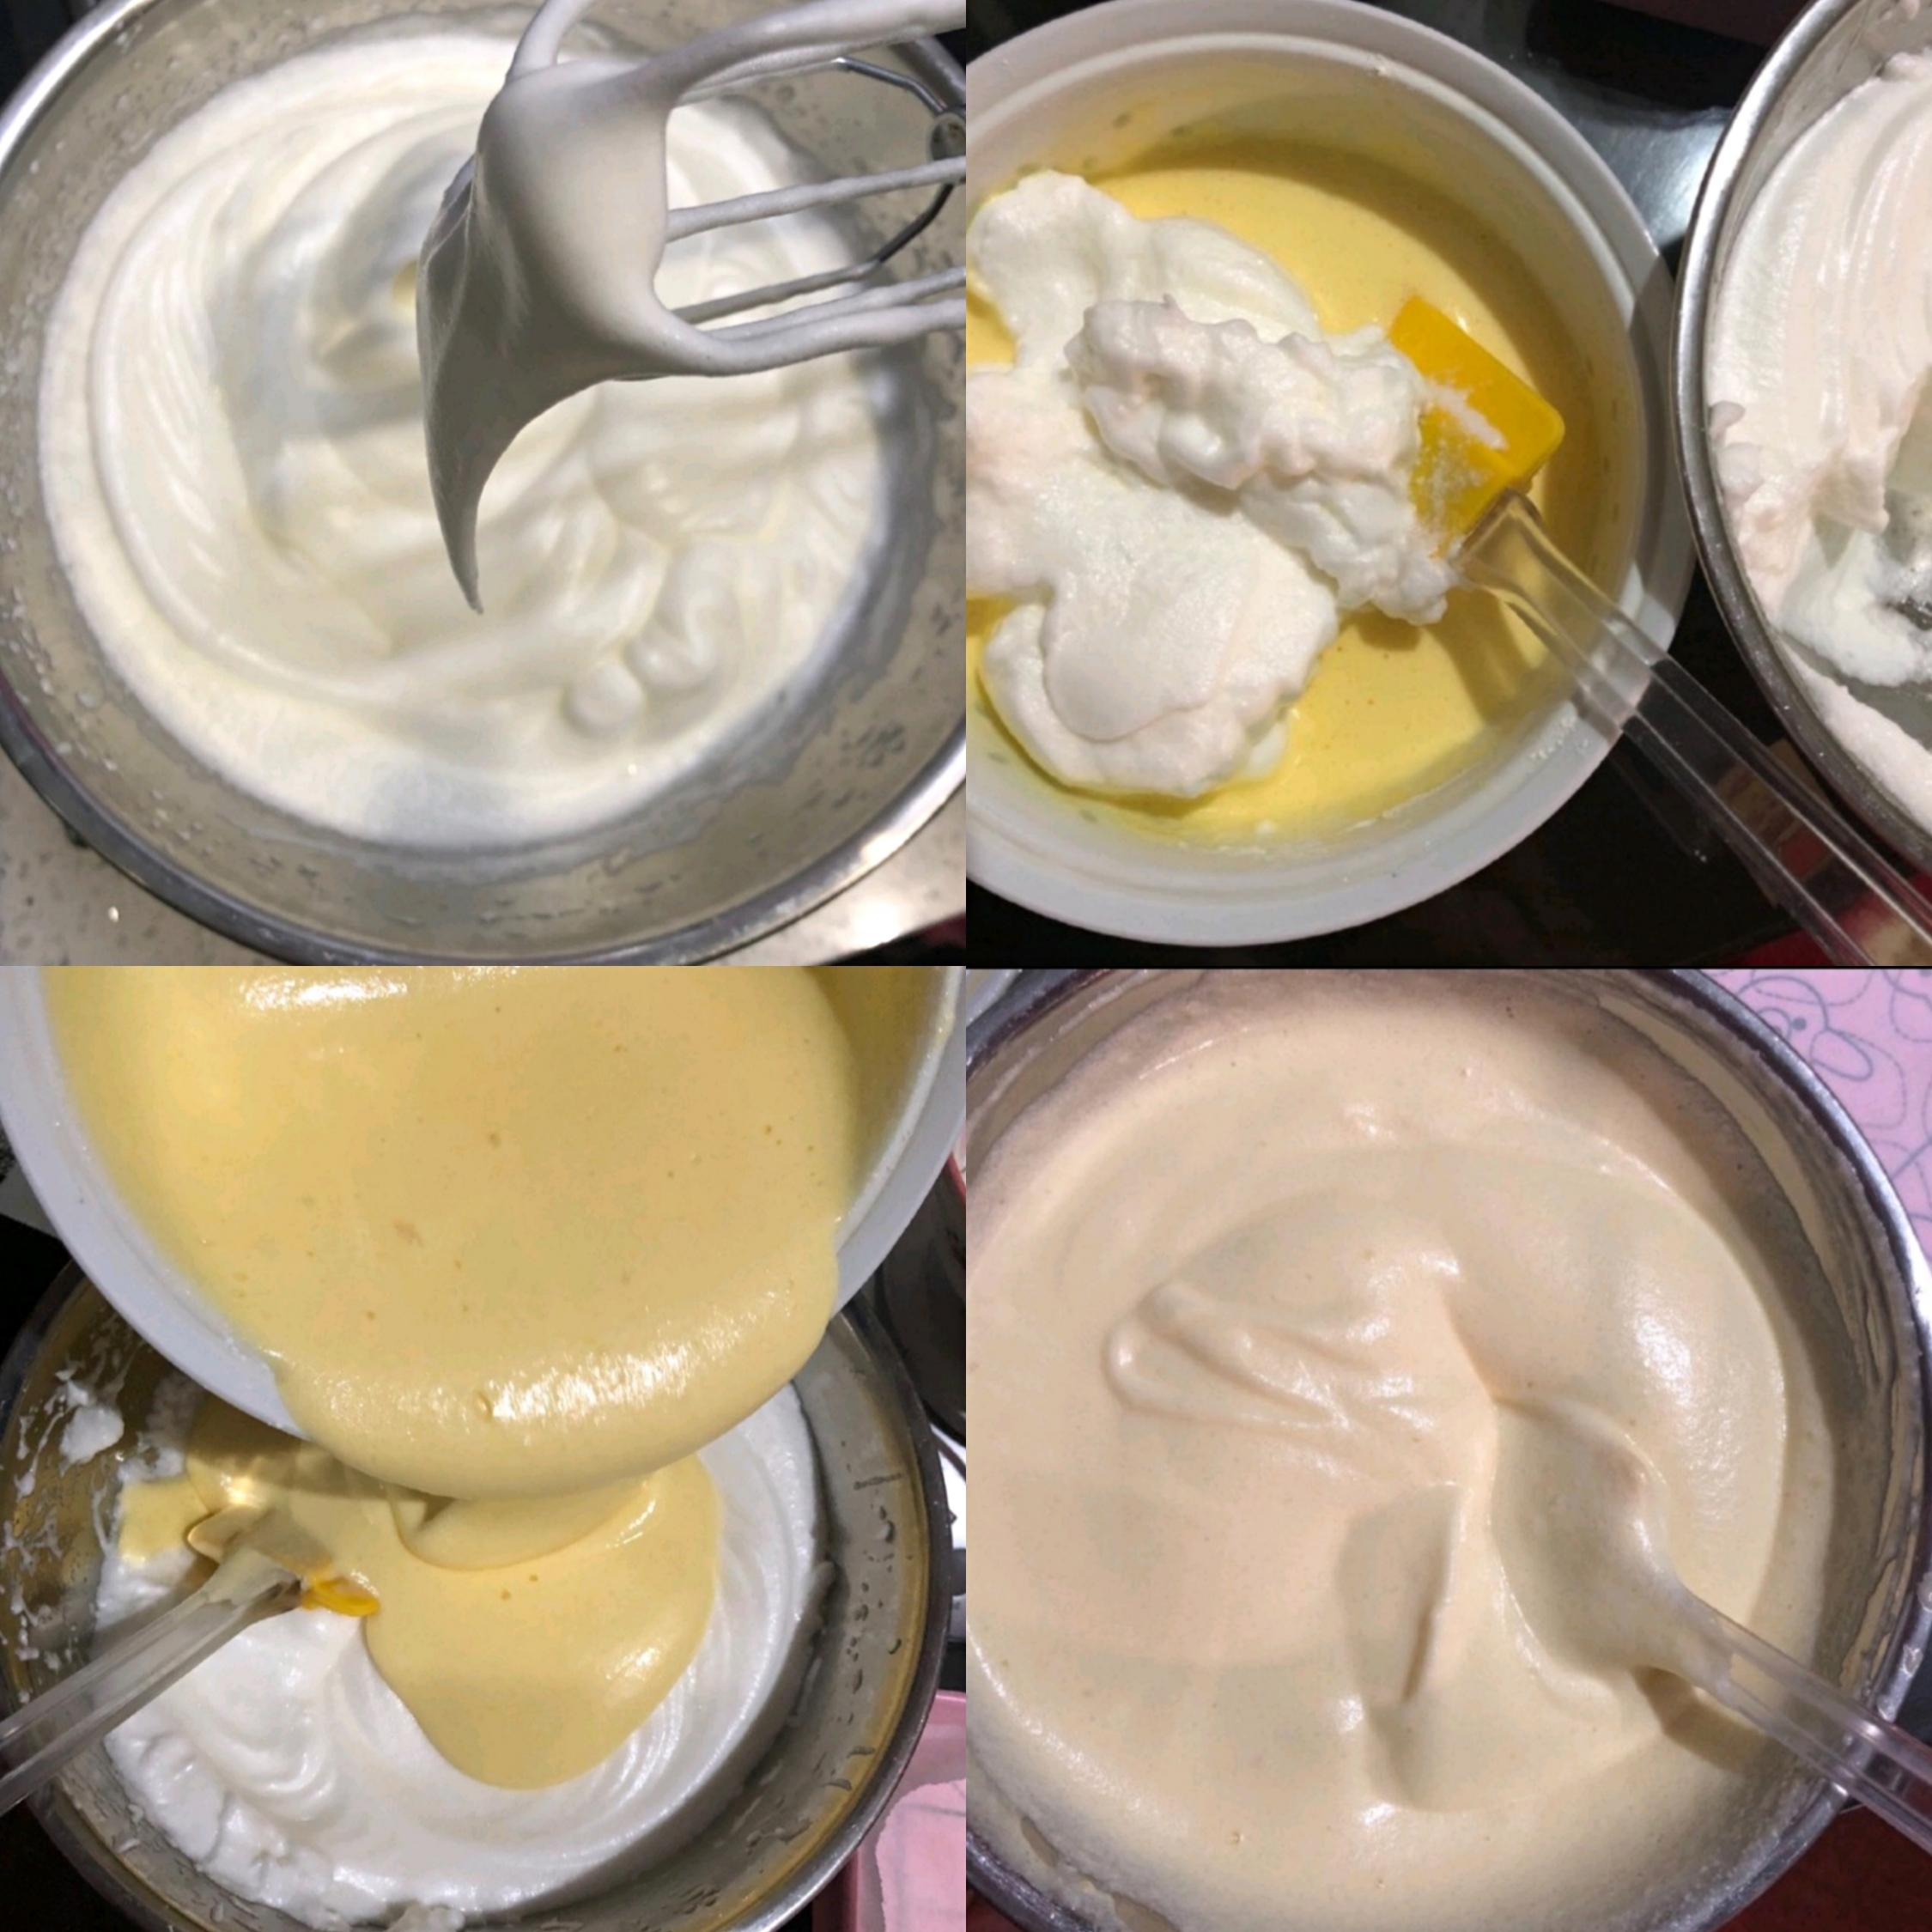 烤箱150℃预热,细砂糖分3次加入蛋白中,发至硬性发泡,取1/3蛋白加入蛋黄糊中,用刮刀翻拌均匀,再倒回蛋白中,继续快速翻拌均匀